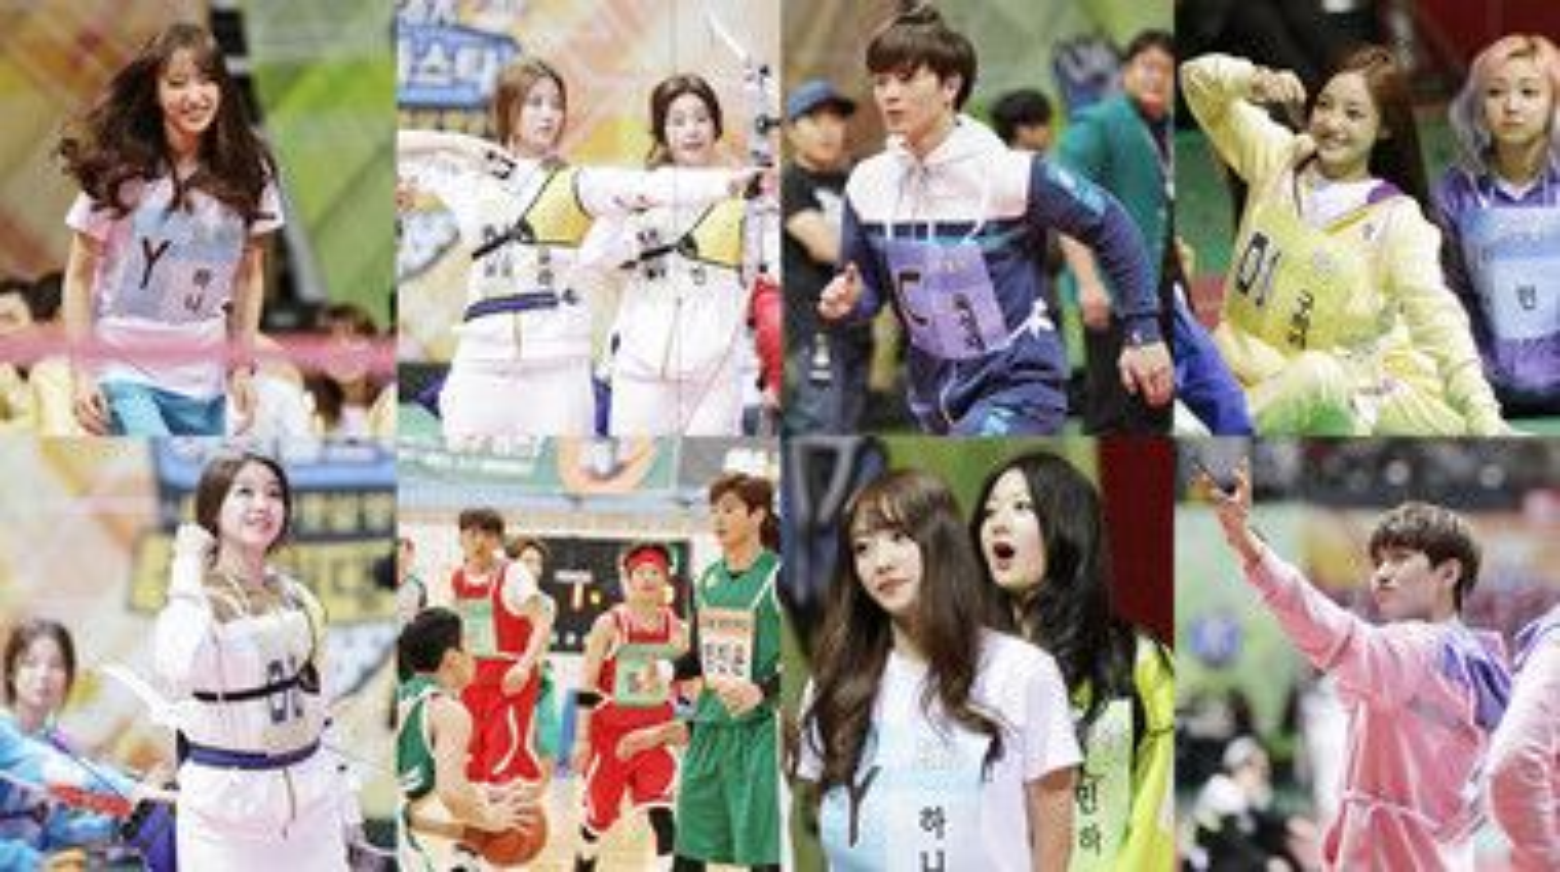 설특집 2015 아이돌스타 육상 농구 풋살 양궁 선수권대회